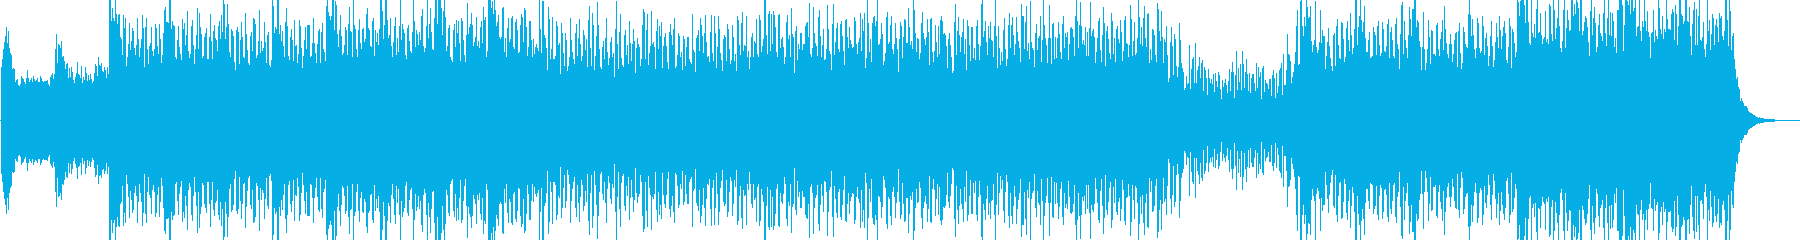 リズミカルでデジタルなテクノポップBGMの再生済みの波形